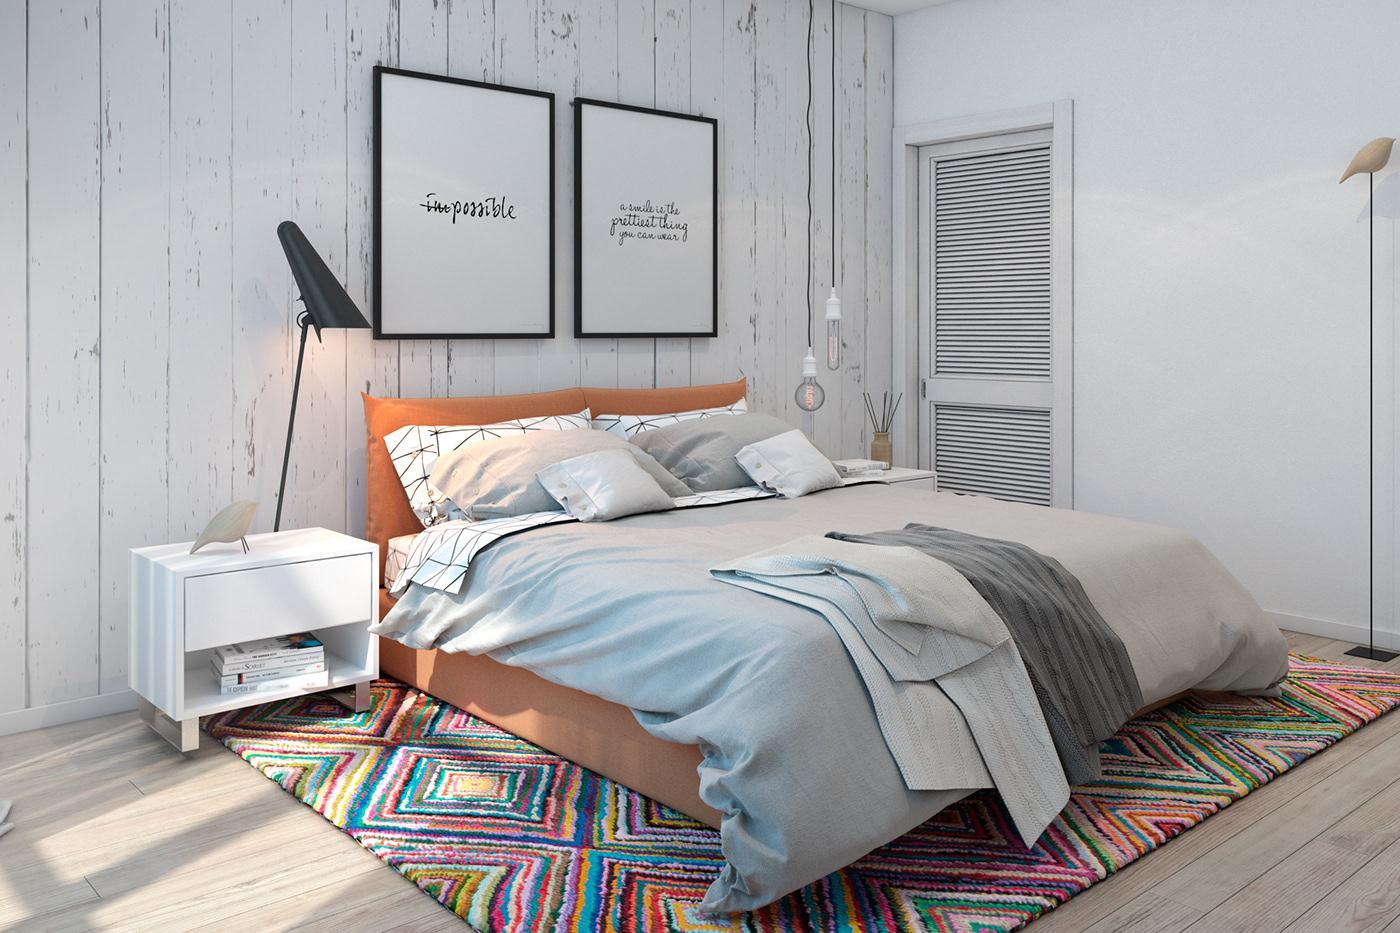 Скандинавский стиль в интерьере детской комнаты - от организации пространства до декора